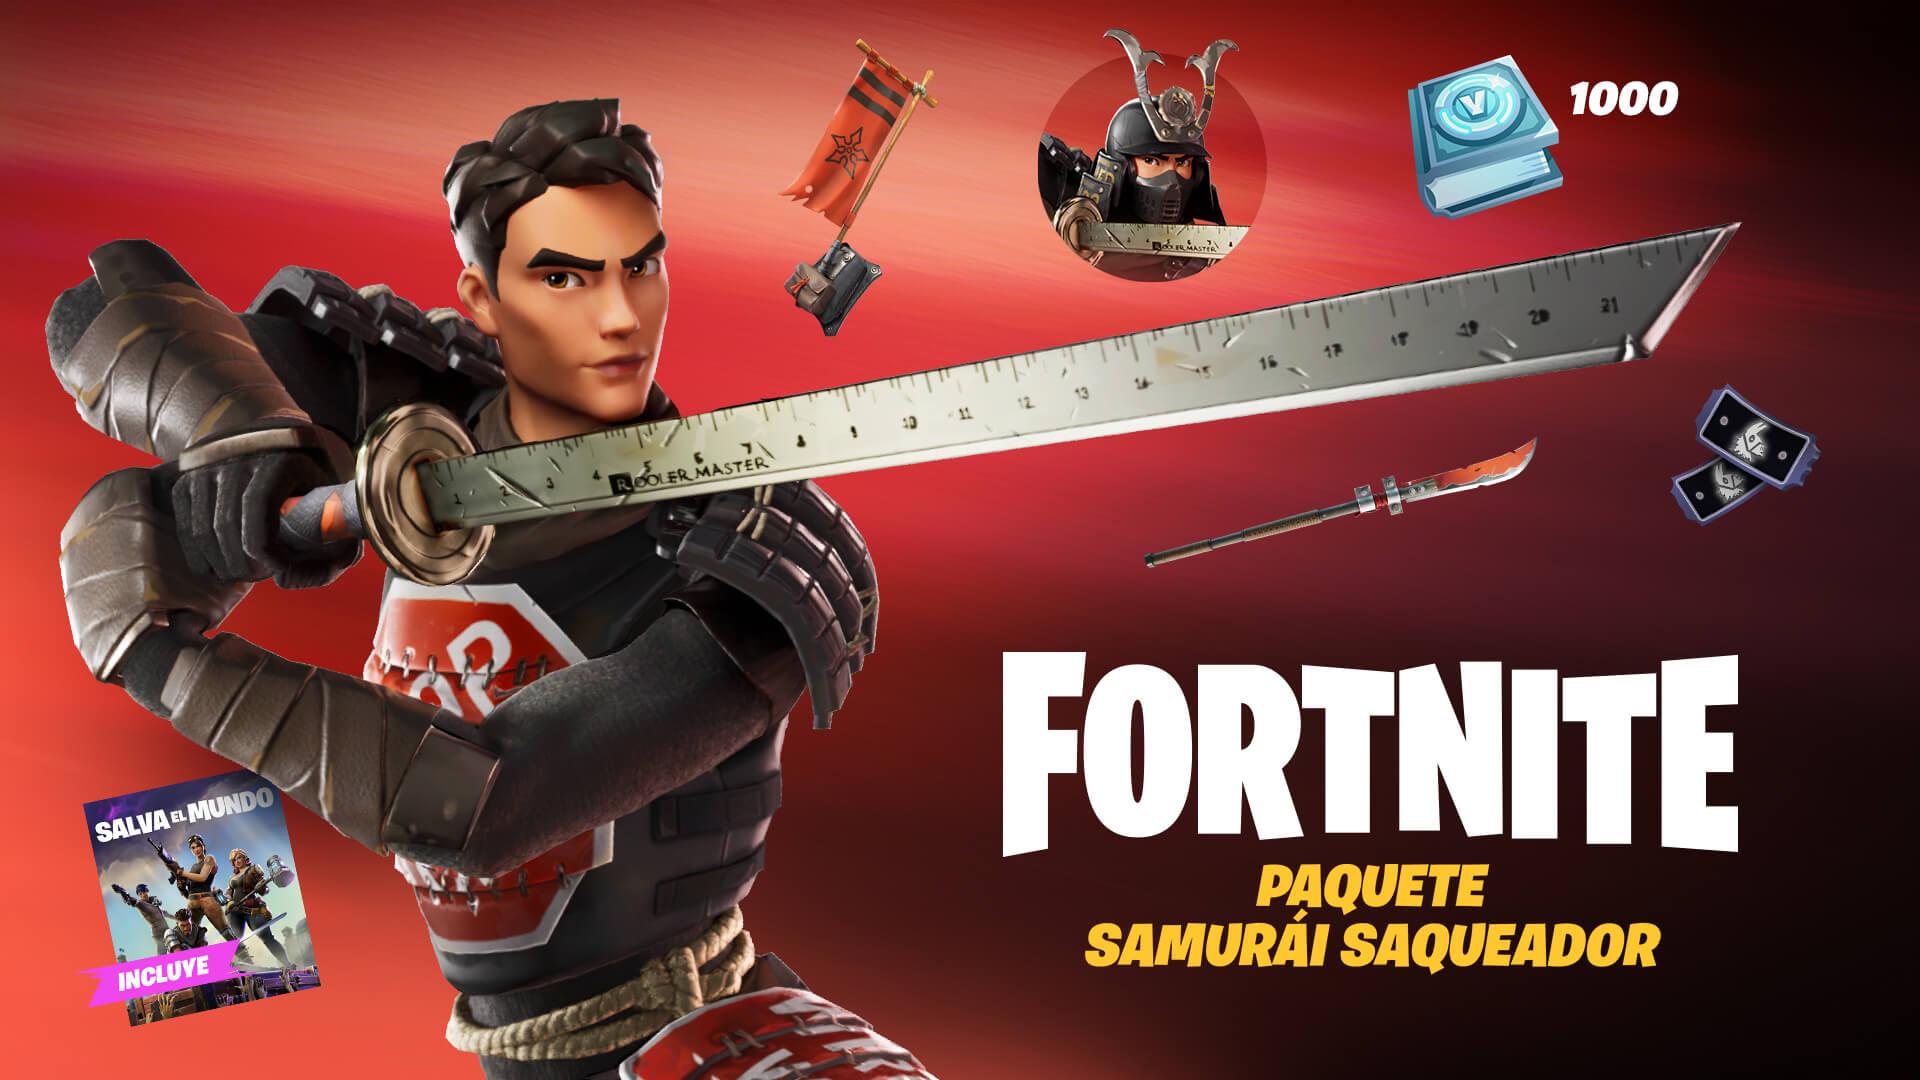 ES MX StW SamuraiScrapper Social 1920x1080